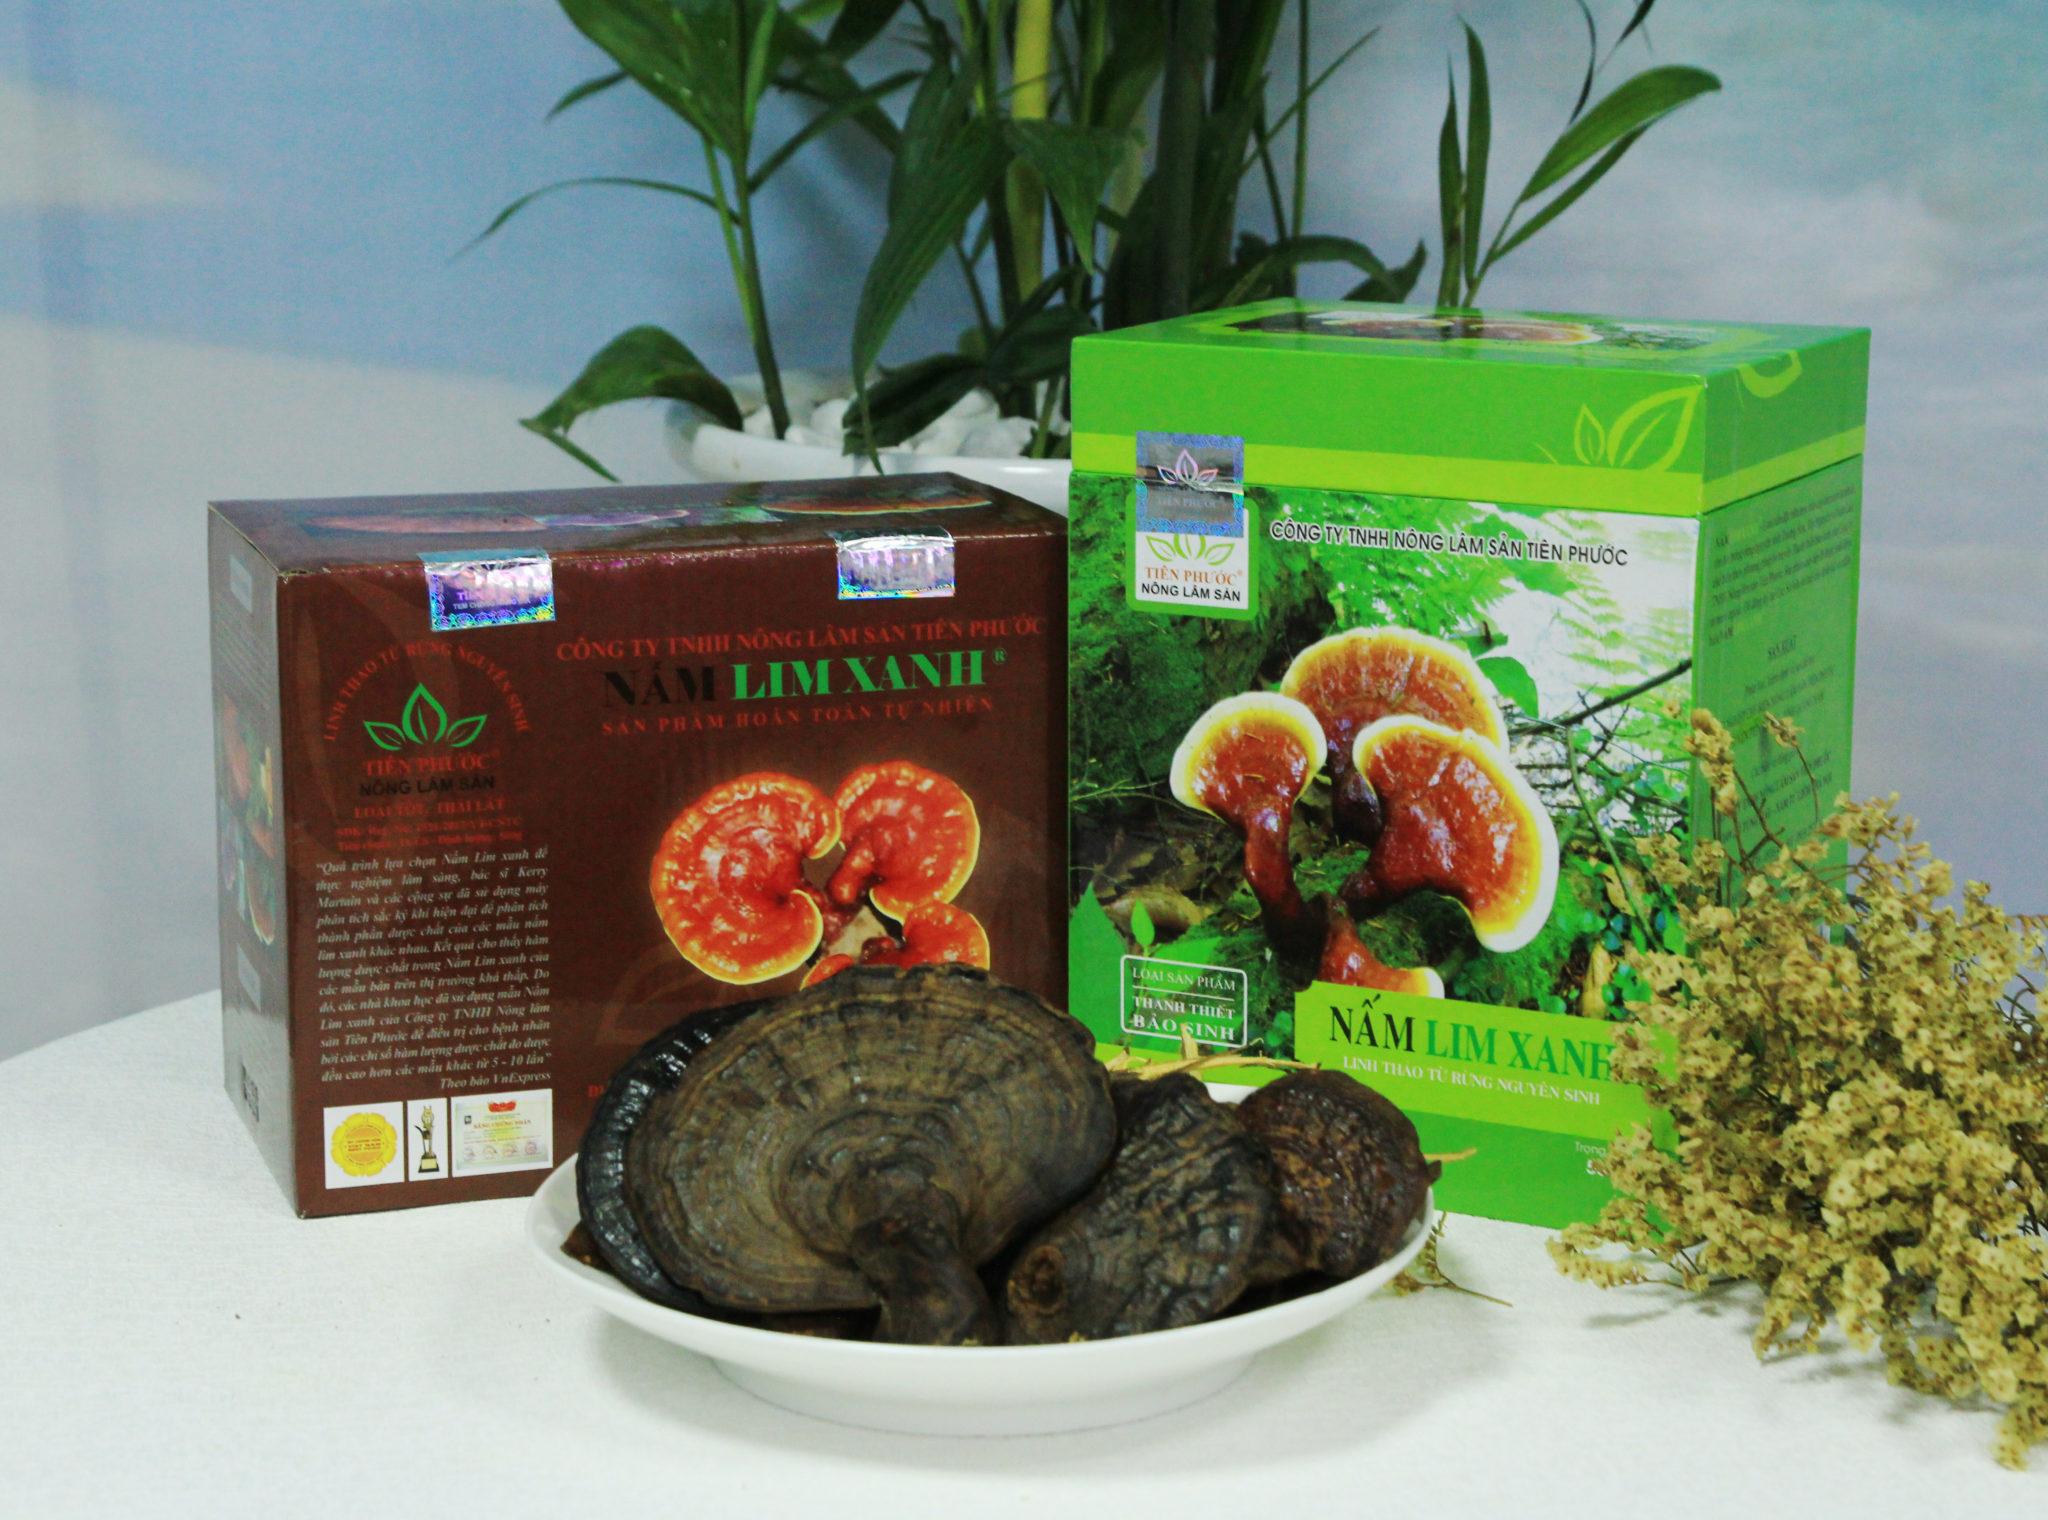 Sản phẩm nấm lim xanh Tiên Phước được bán trong các đại lý ủy quyền chính thức tại Lạng Sơn